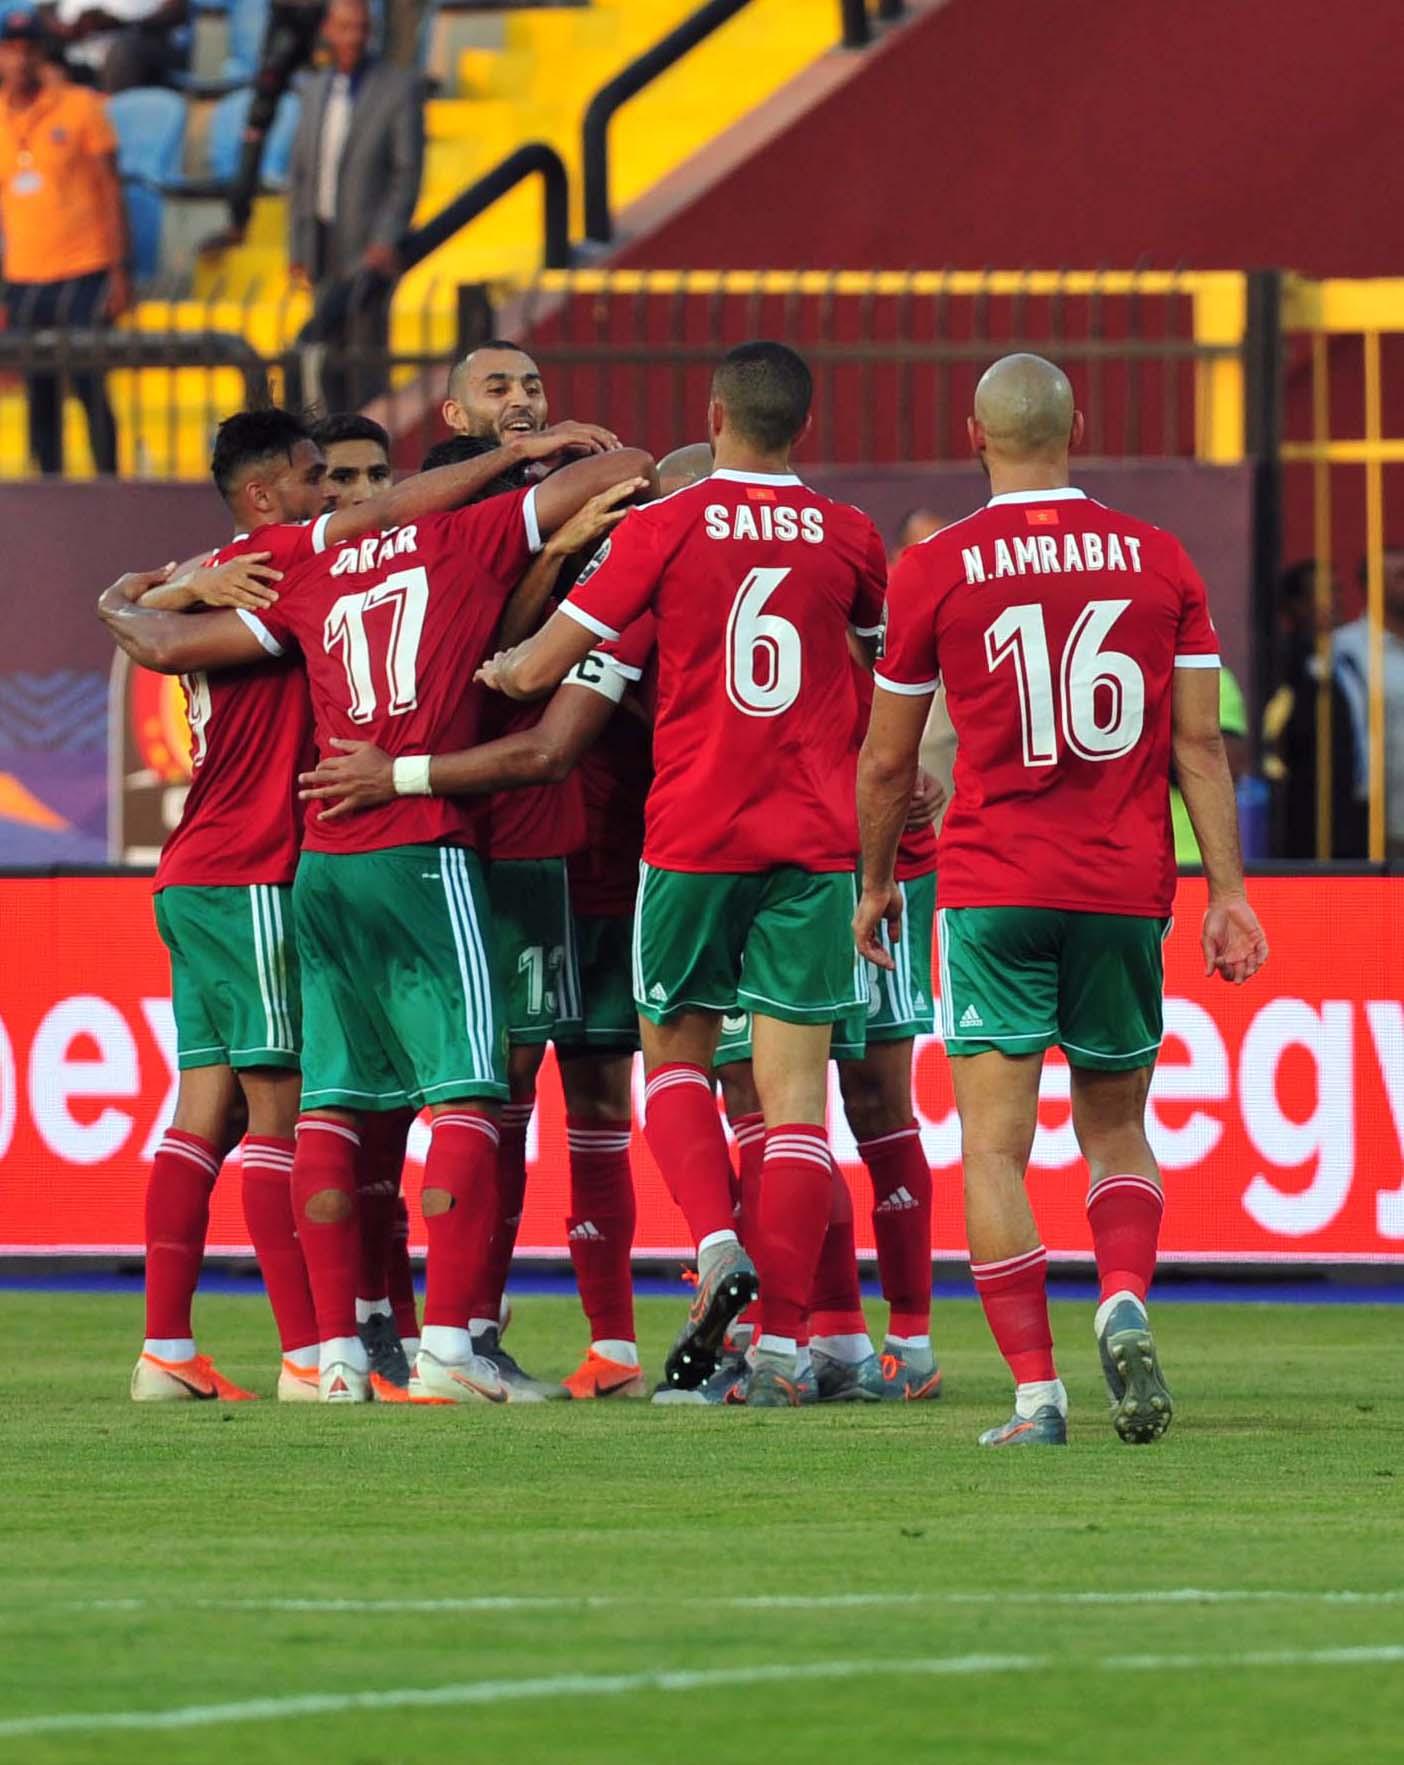 الفريق الوطني بتشكيله الكلاسيكي أمام الفيلة